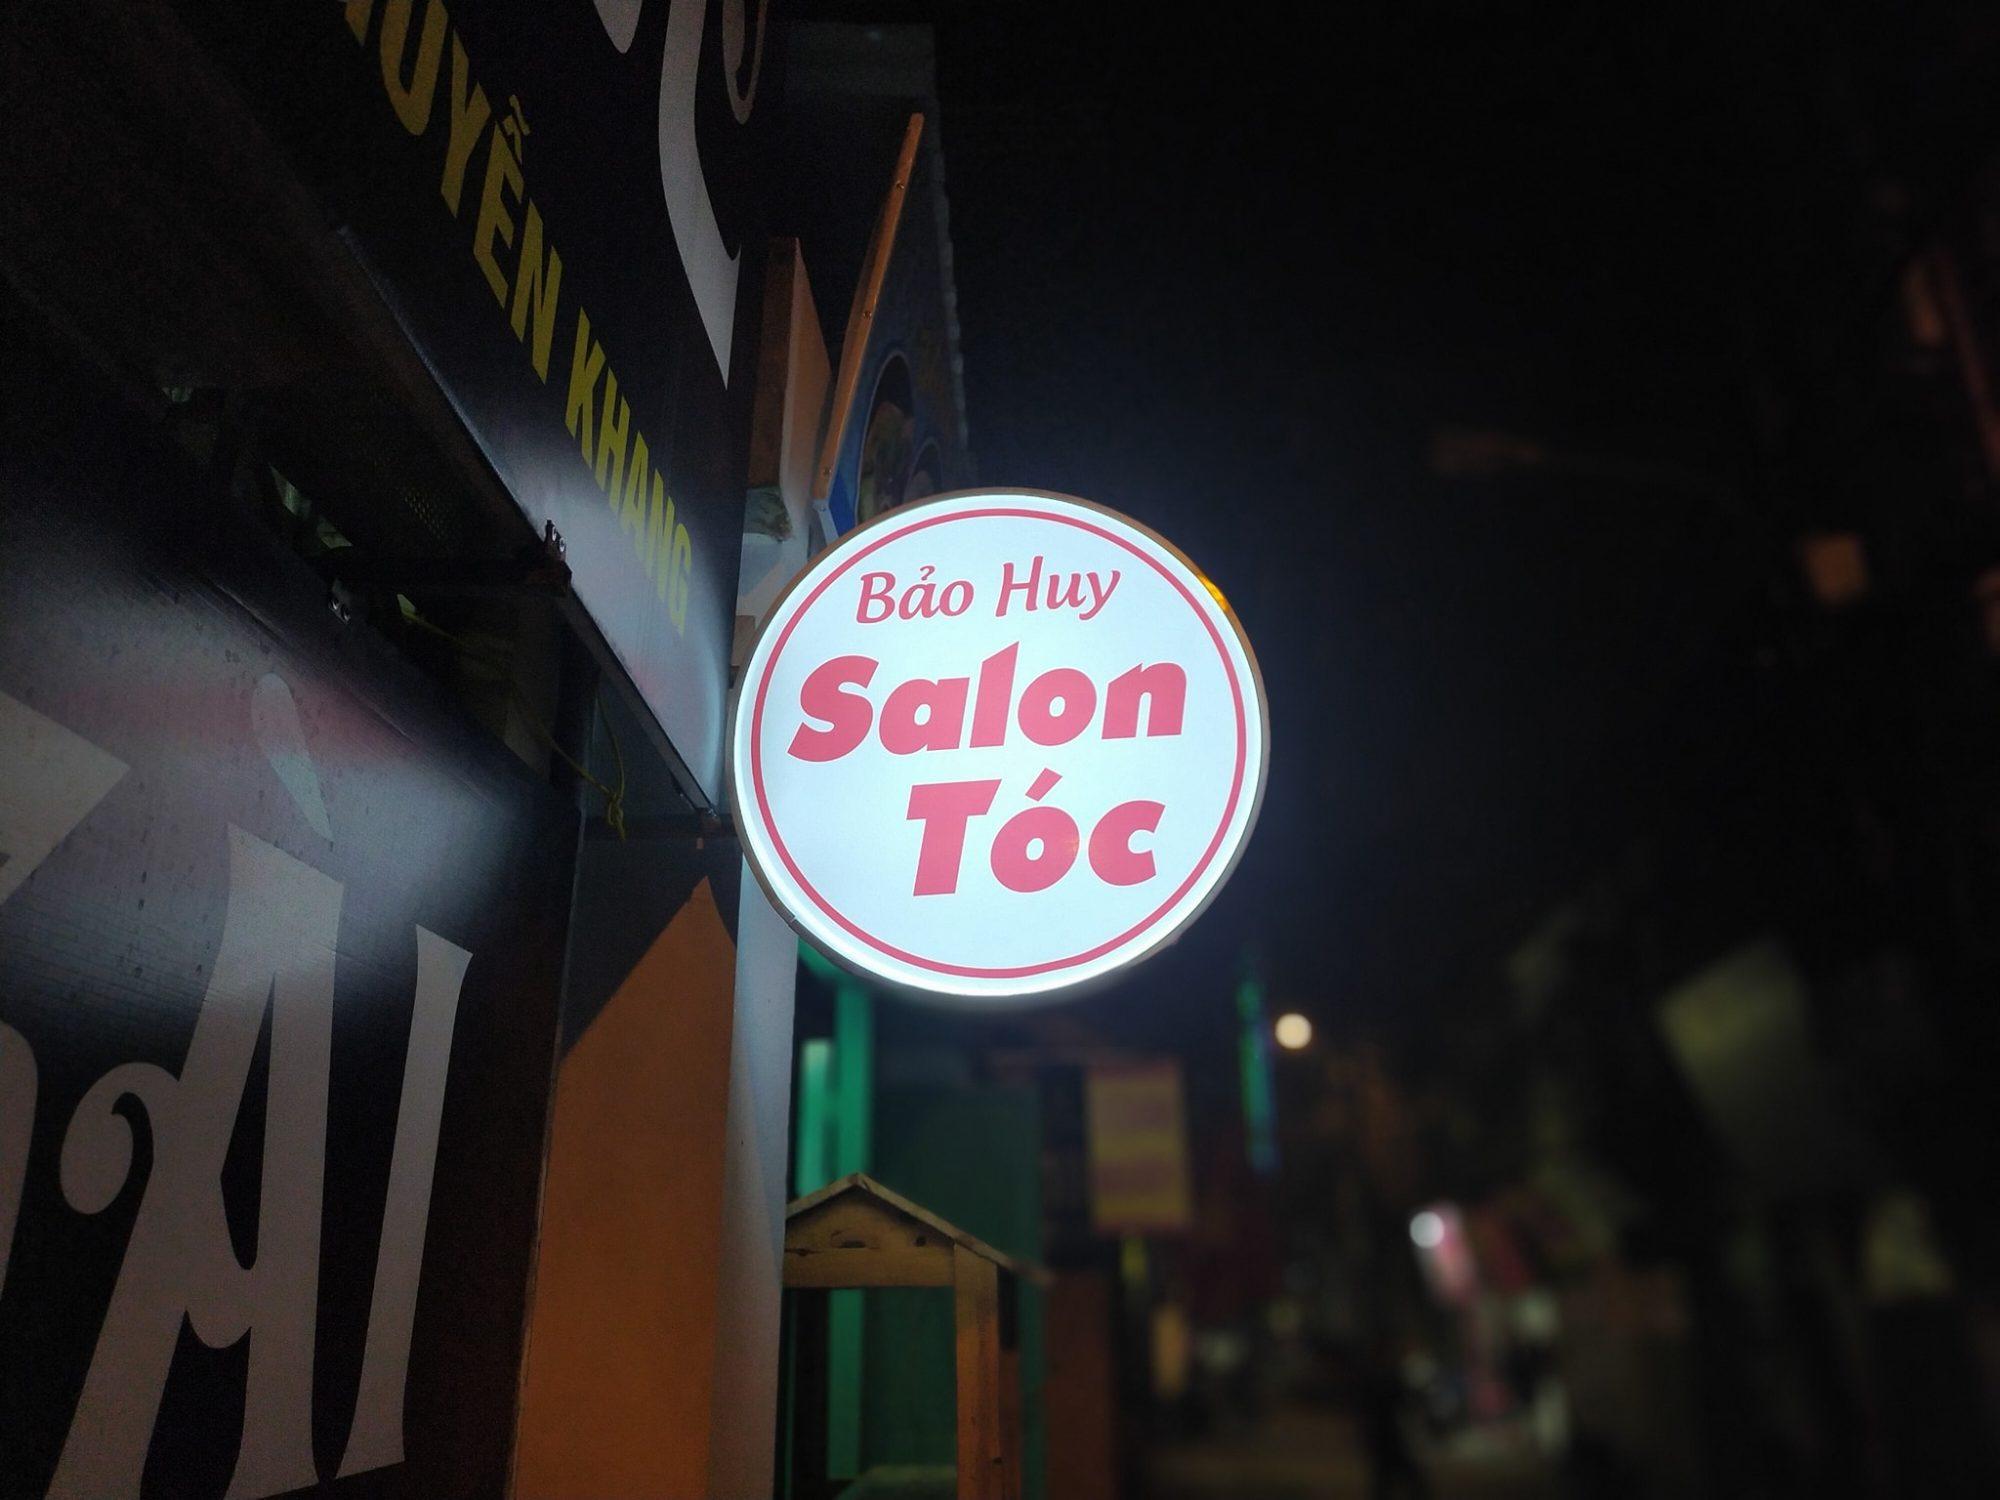 Làm hộp đèn mica giá rẻ ở Đà Nẵng